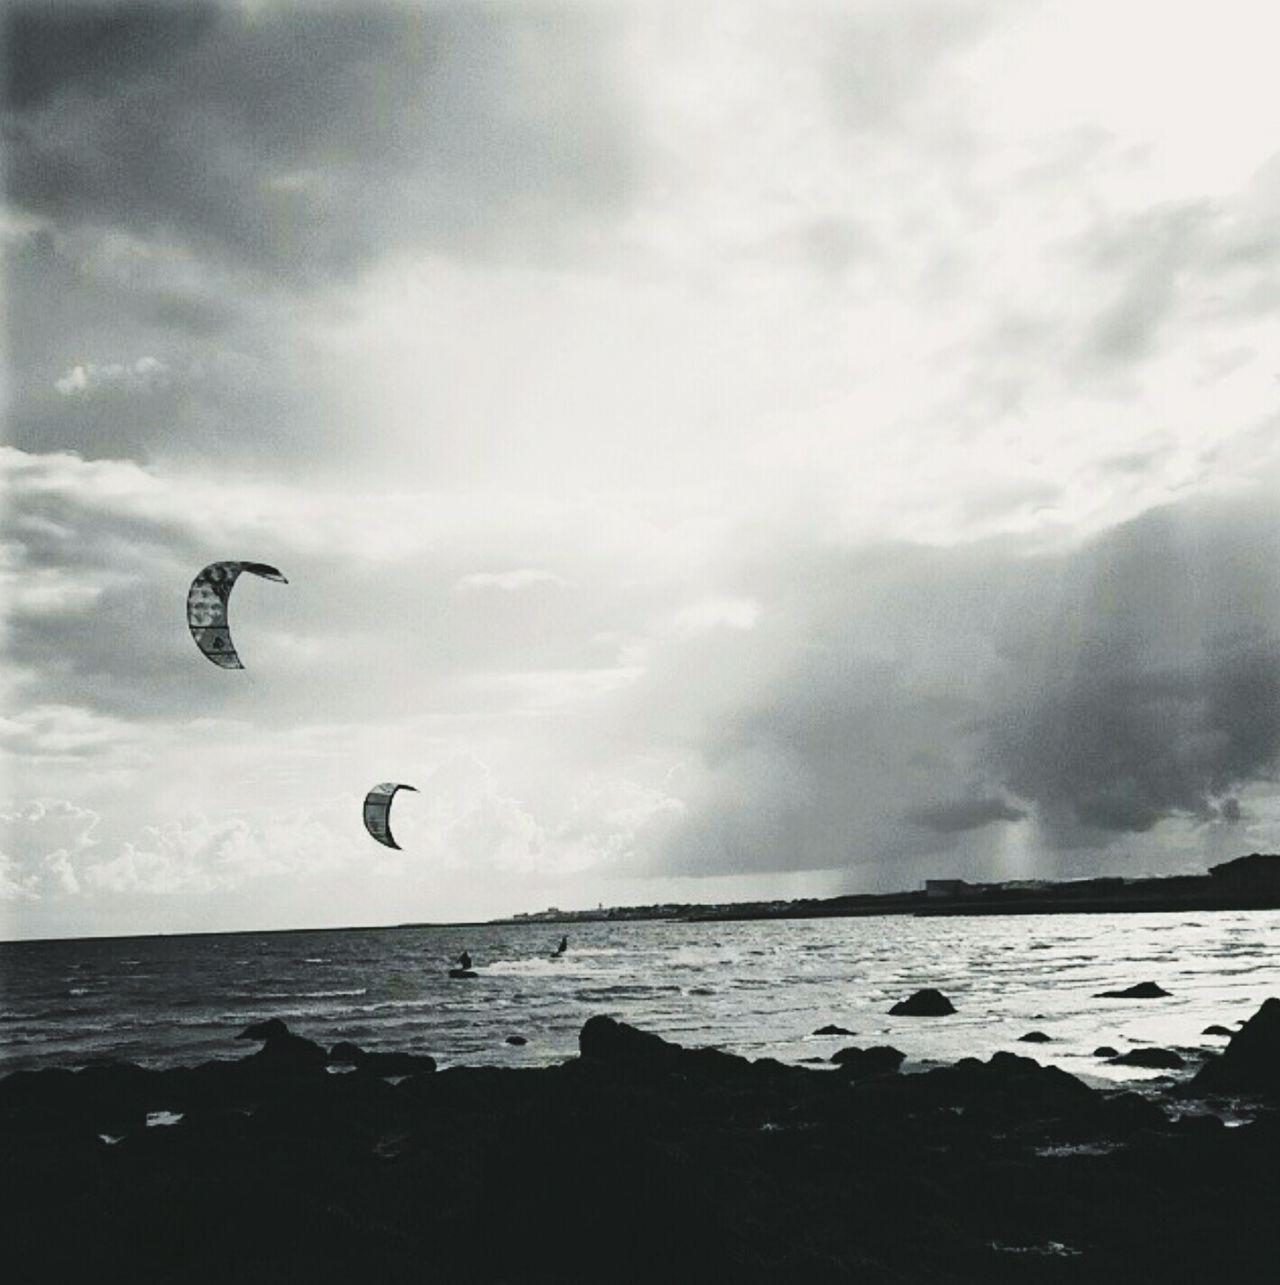 Sea Kitesurfing Wild Atlantic Way Galway Bay Galway, Ireland Galway City Water Sports Beach Nature Lifestyles Scenics Moodygram Kiteboarding Beauty In Nature Irish Tranquil Scene